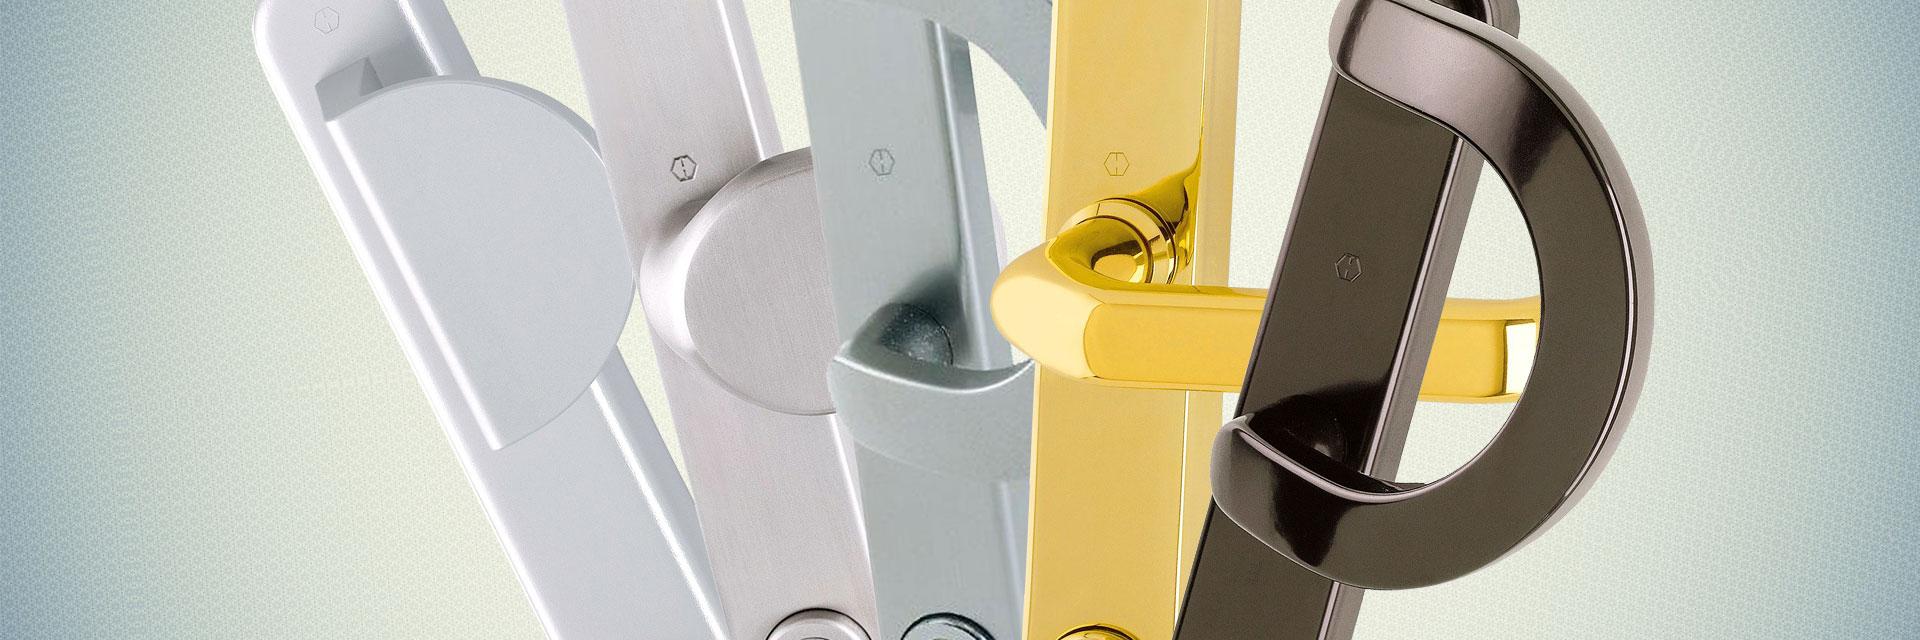 Stijl- en kleurvarianten van deurbeslag en accessoires